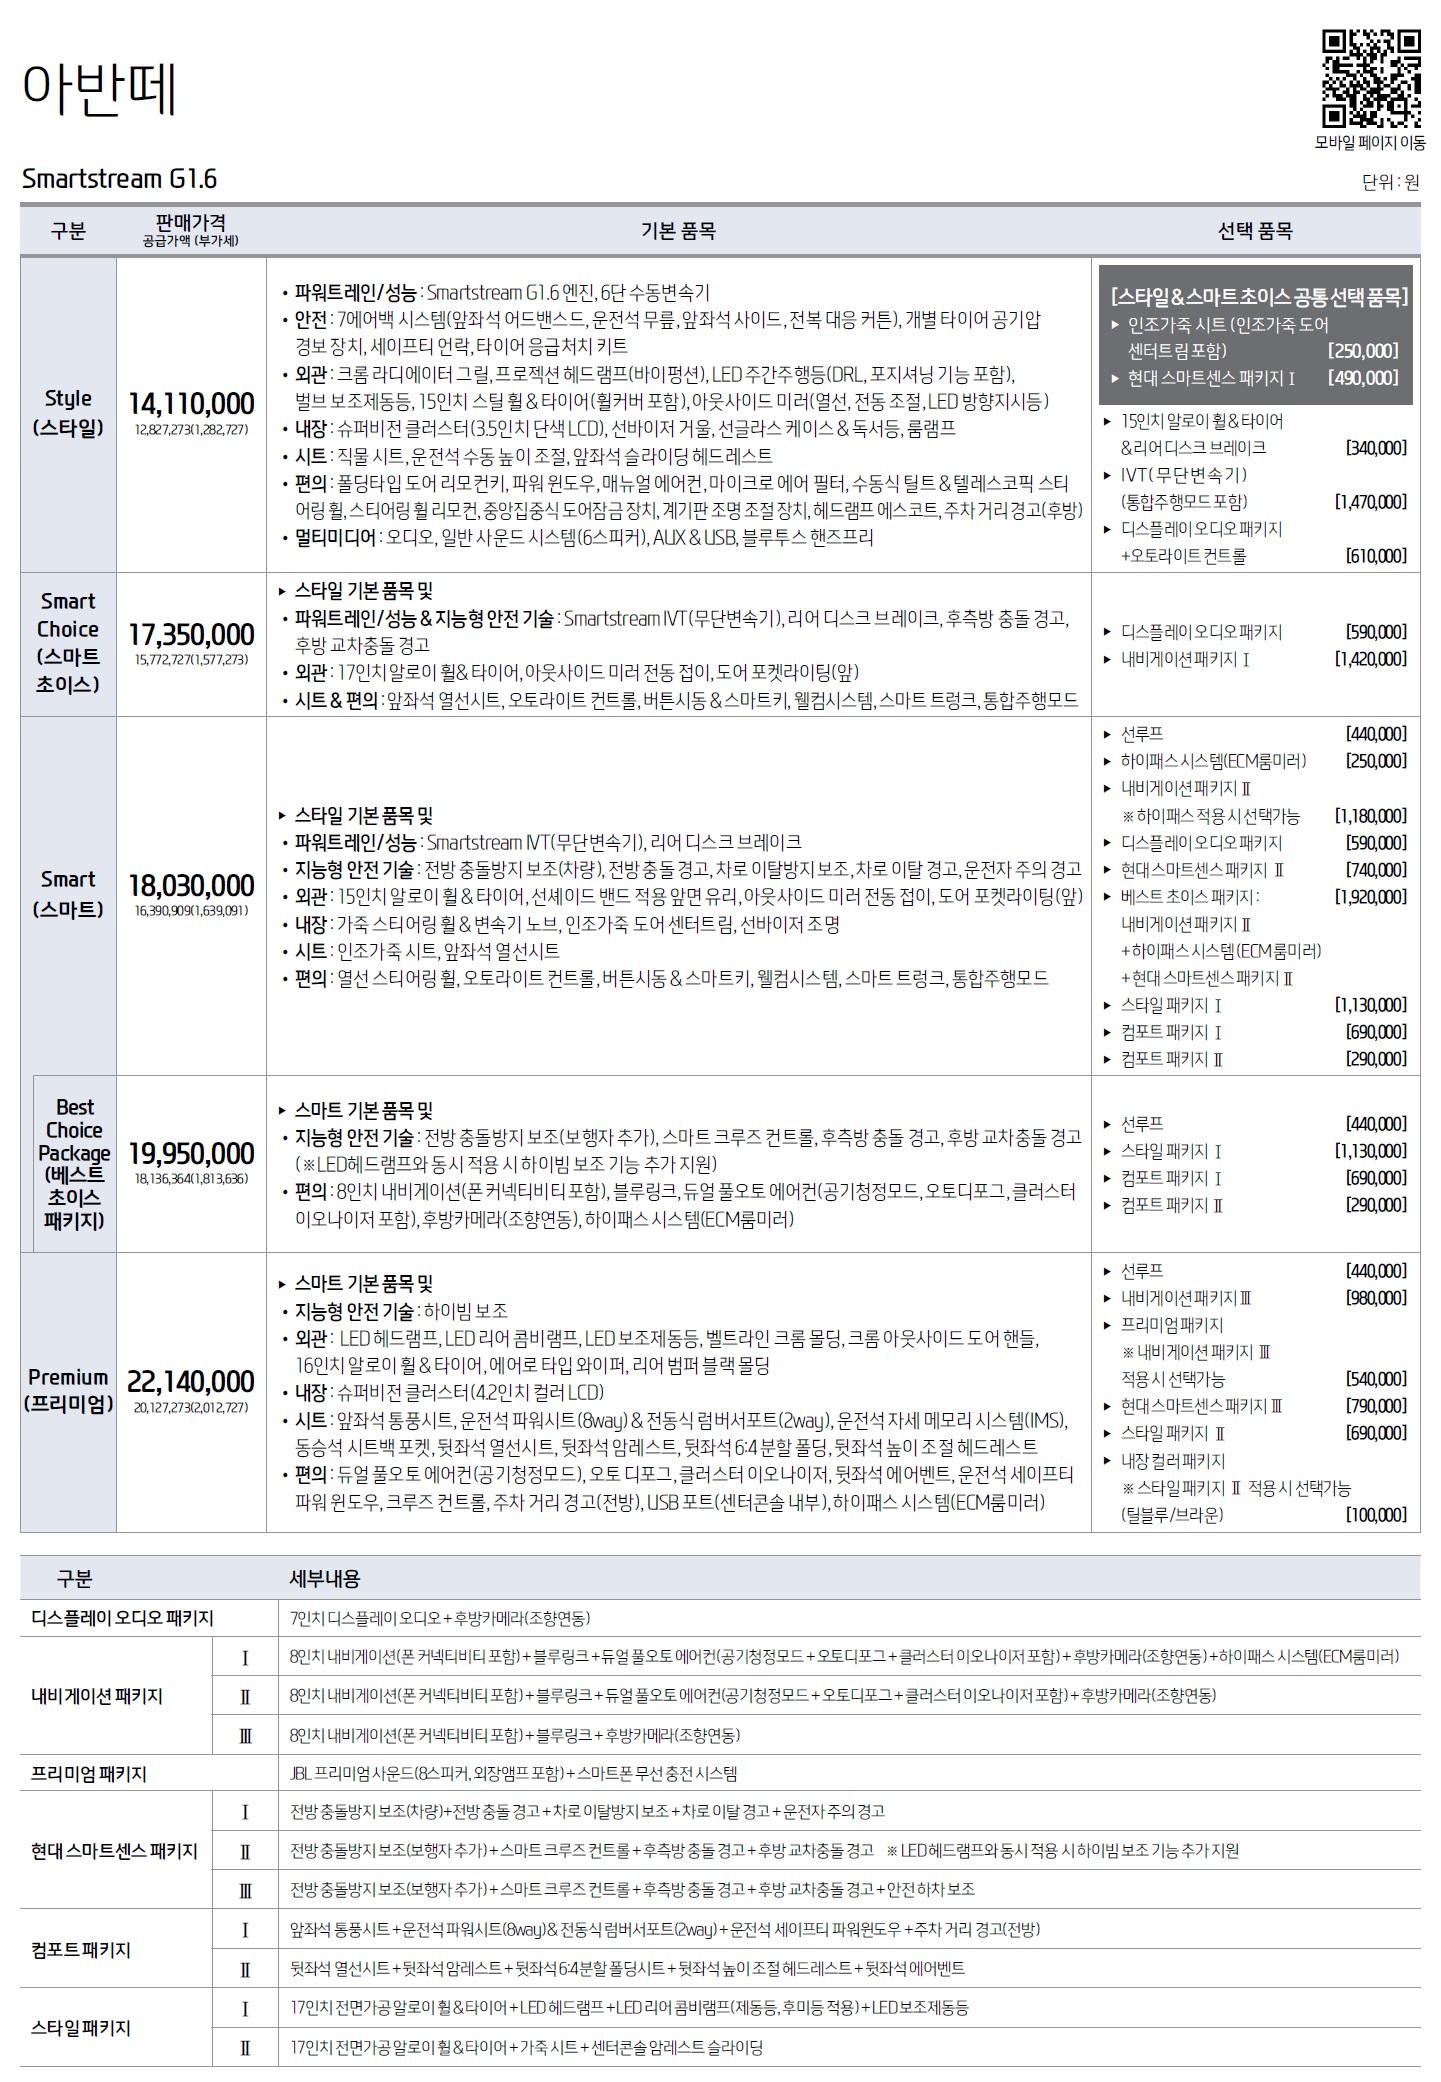 아반떼 가격표 - 2019년형 (2019년 05월) -1.jpg